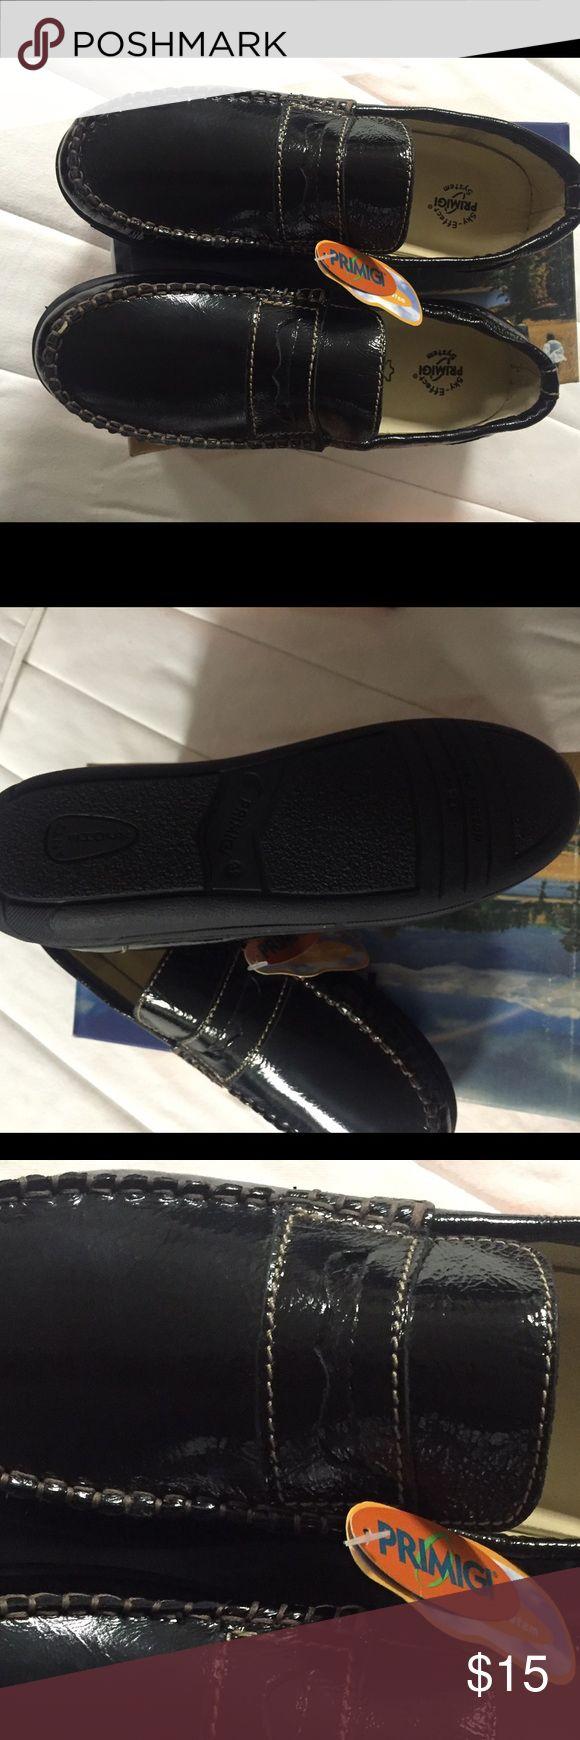 Black primigi Very comfortable black shoes. New in a box Primigi Shoes Moccasins